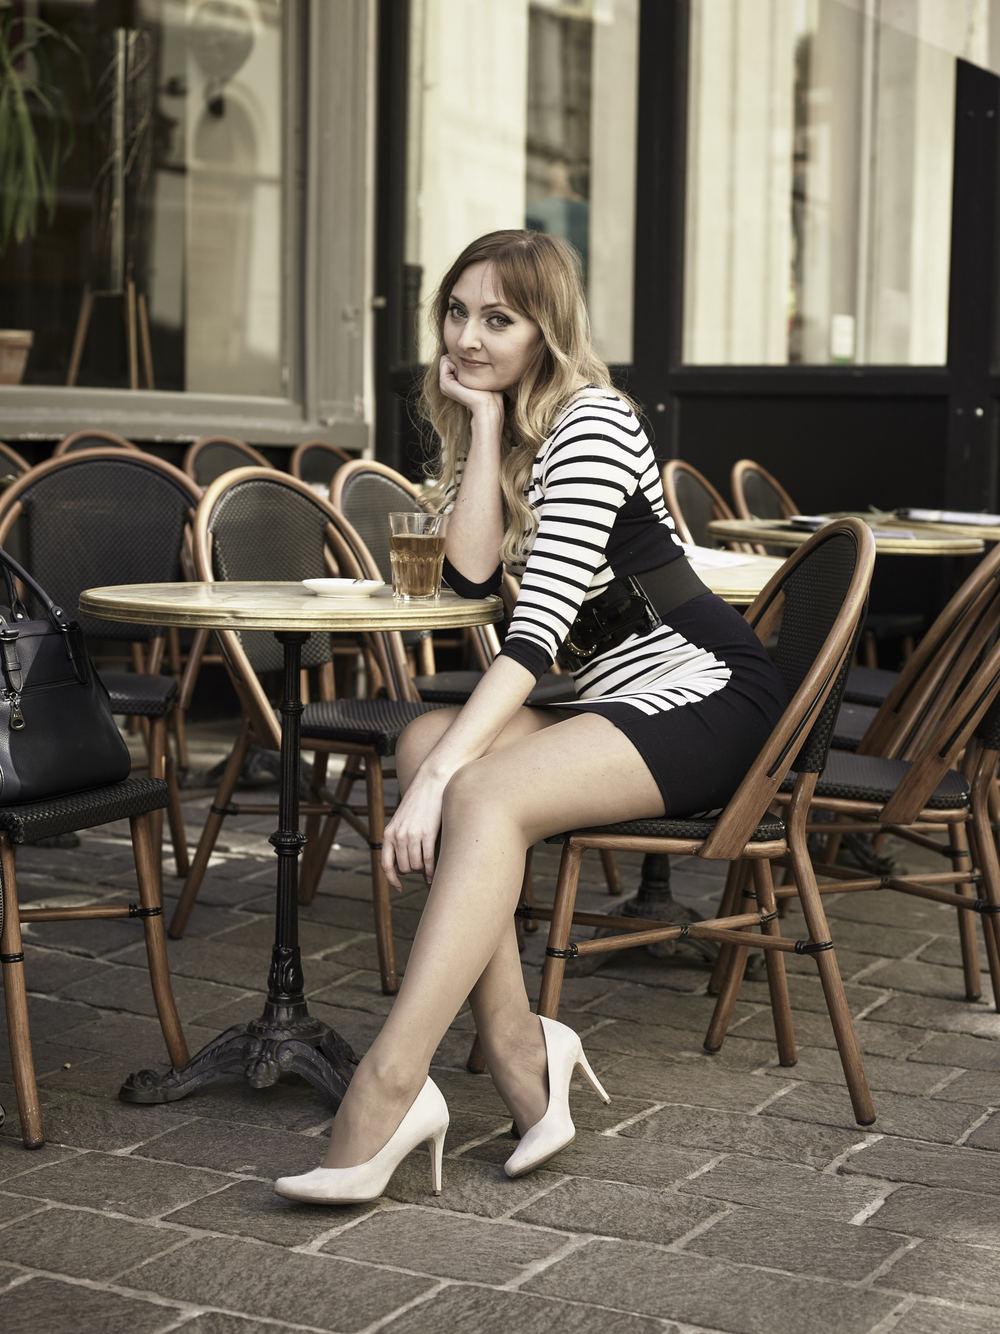 Lifestyle & fashion modelling